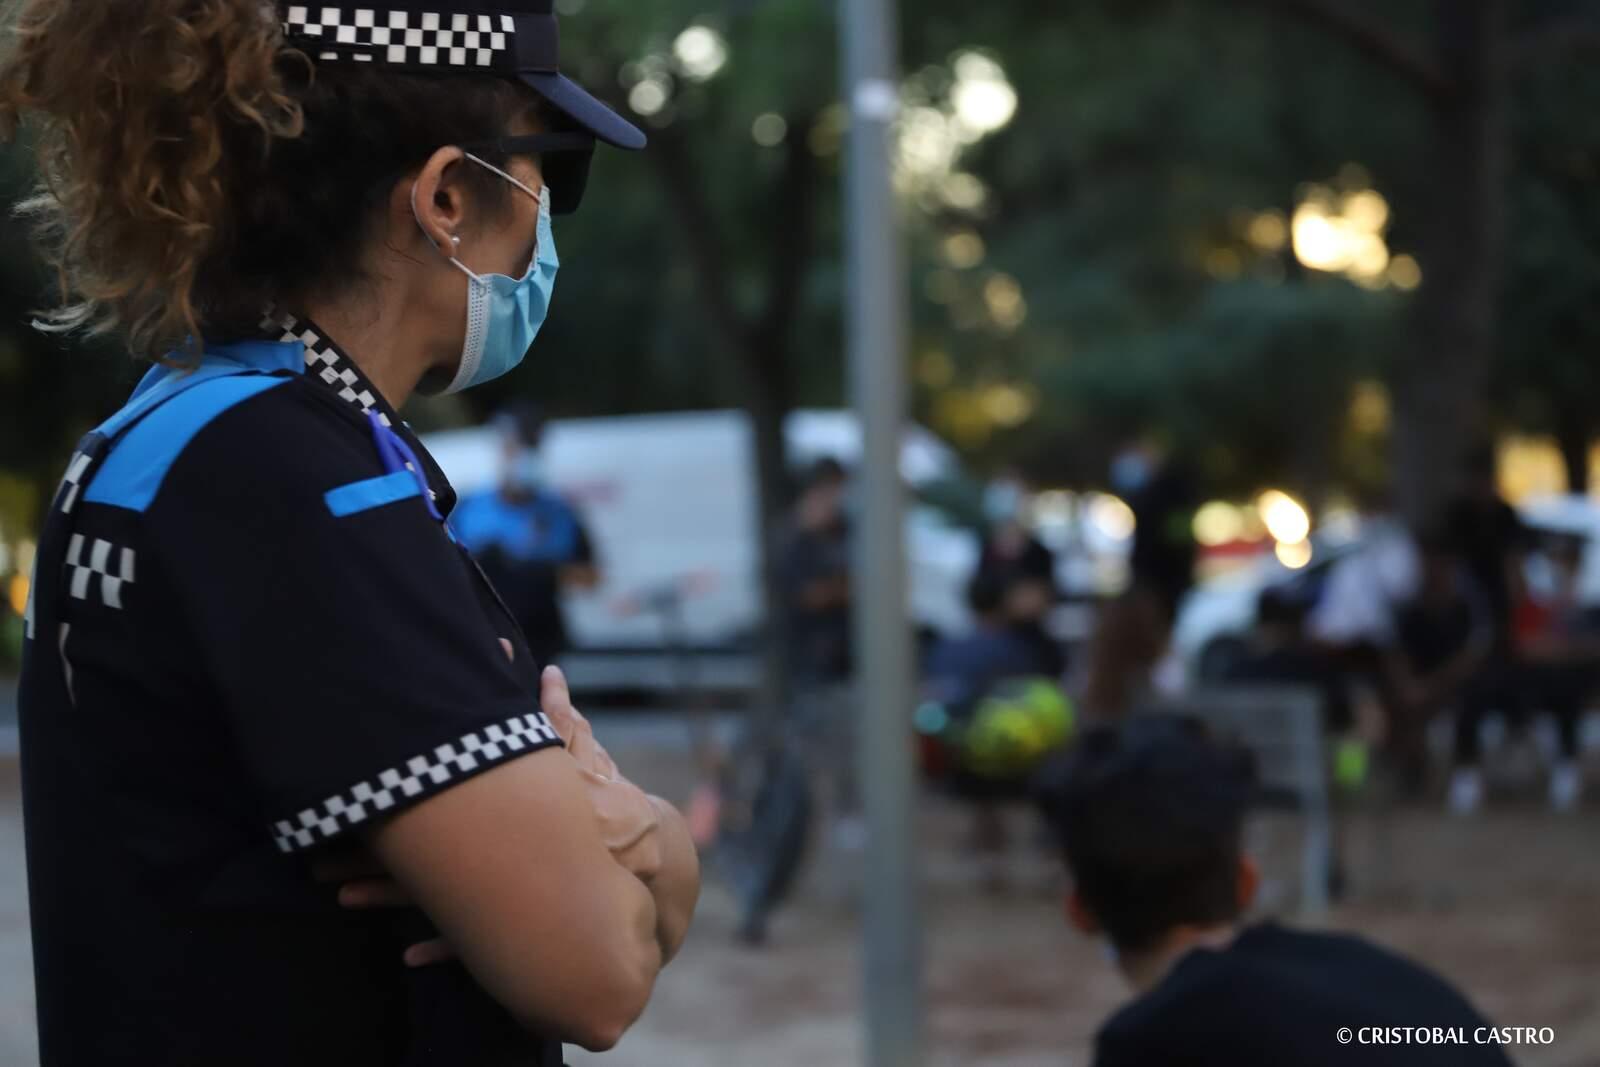 Controls policials a Terrassa per vigilar que tothom porti mascareta